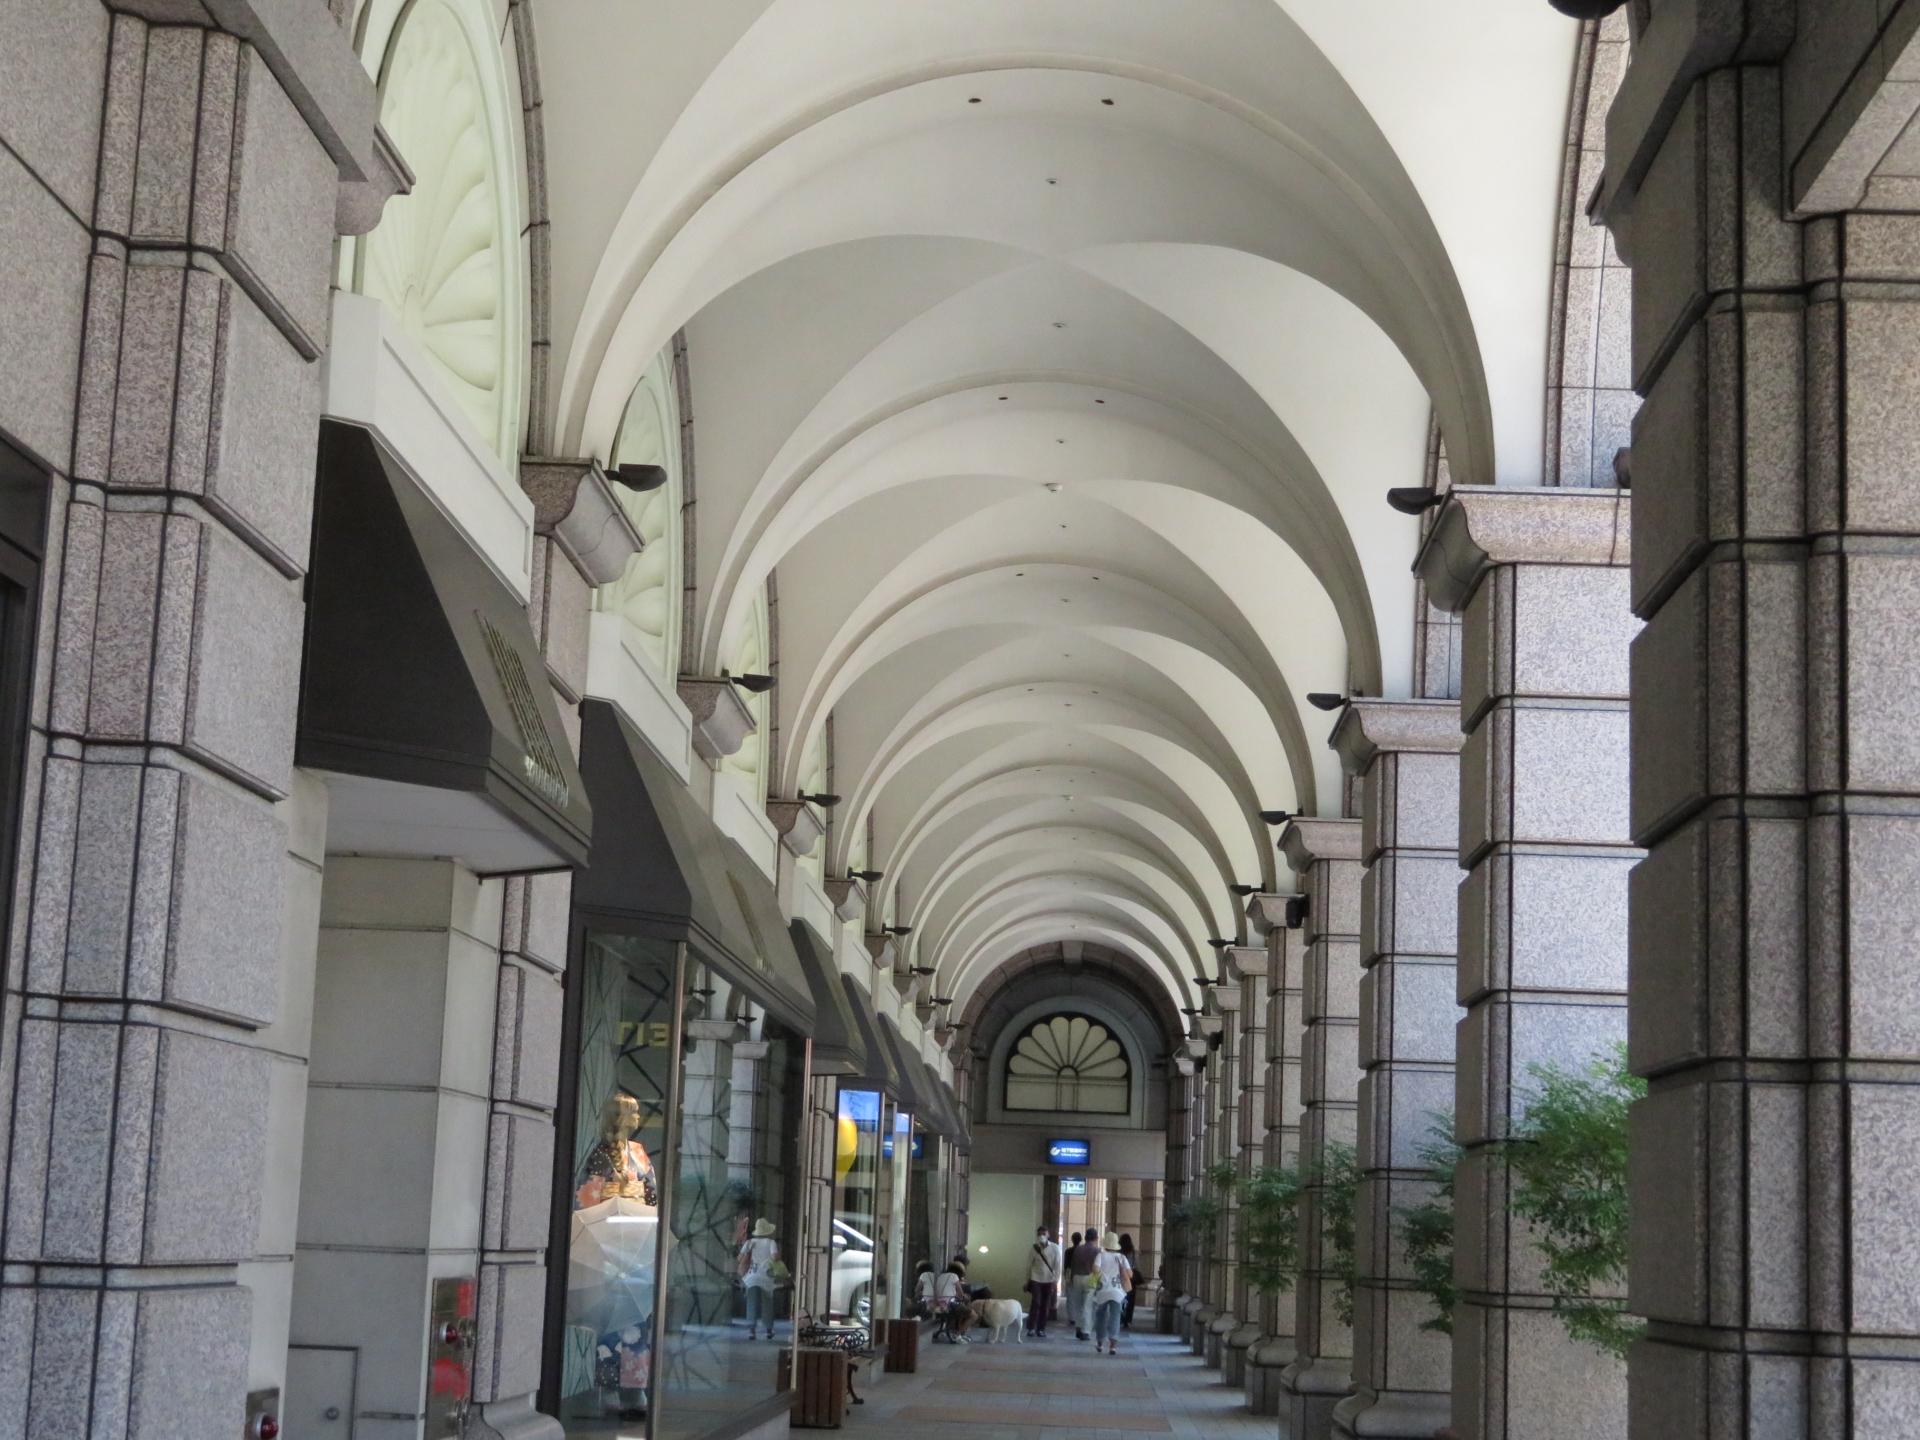 神戸の旧居留地を散策!おしゃれなカフェでランチや休憩!雑貨屋巡りも楽しい!